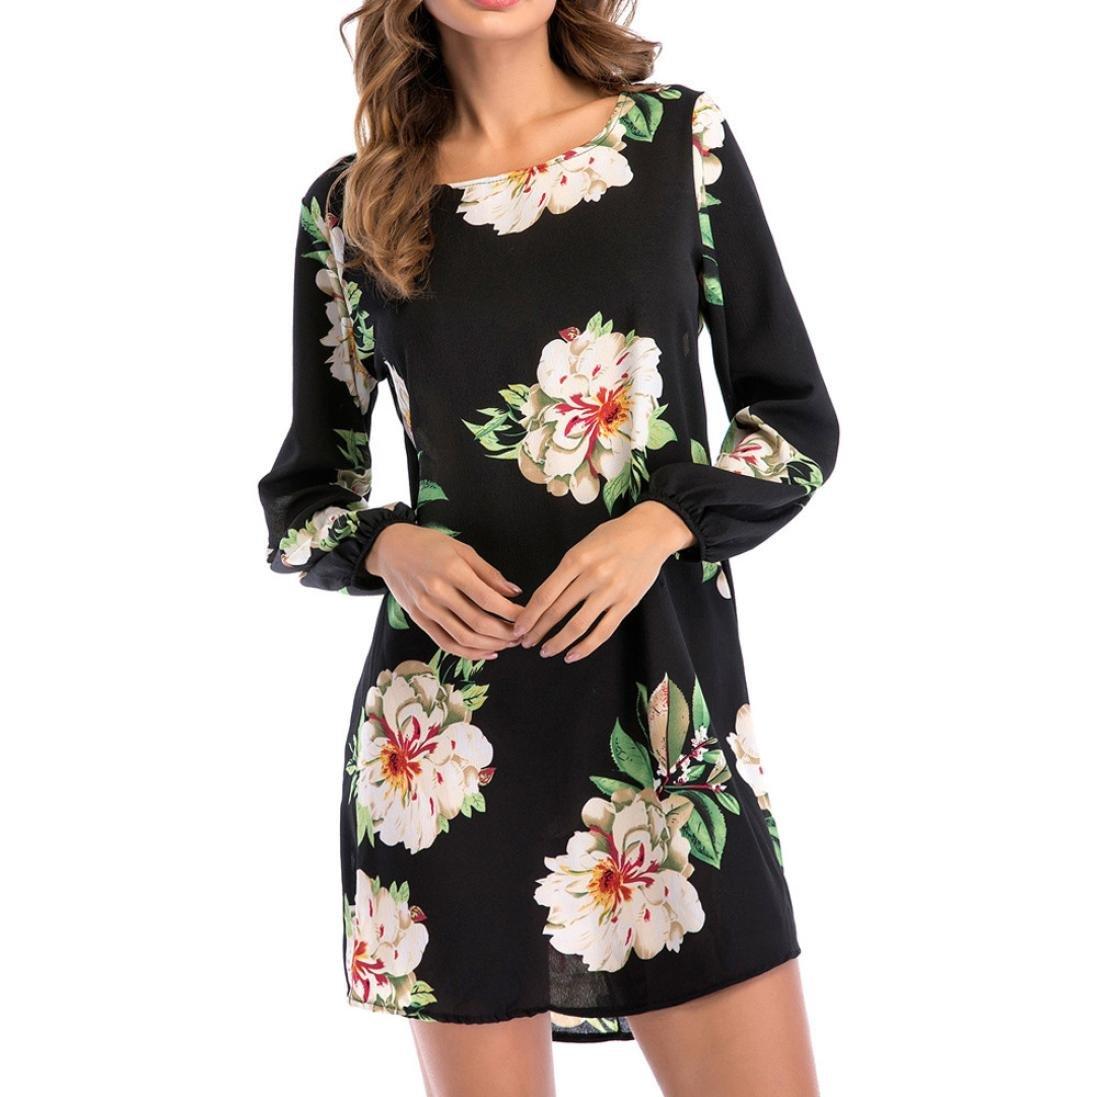 OHQ Frauen Dress Sommerkleider Vintage Boho Mini Ärmelloses Beiläufiges Strandkleid Blumenkleid Abendkleid Floralen Druck Minikleid Partykleid Cocktailkleid